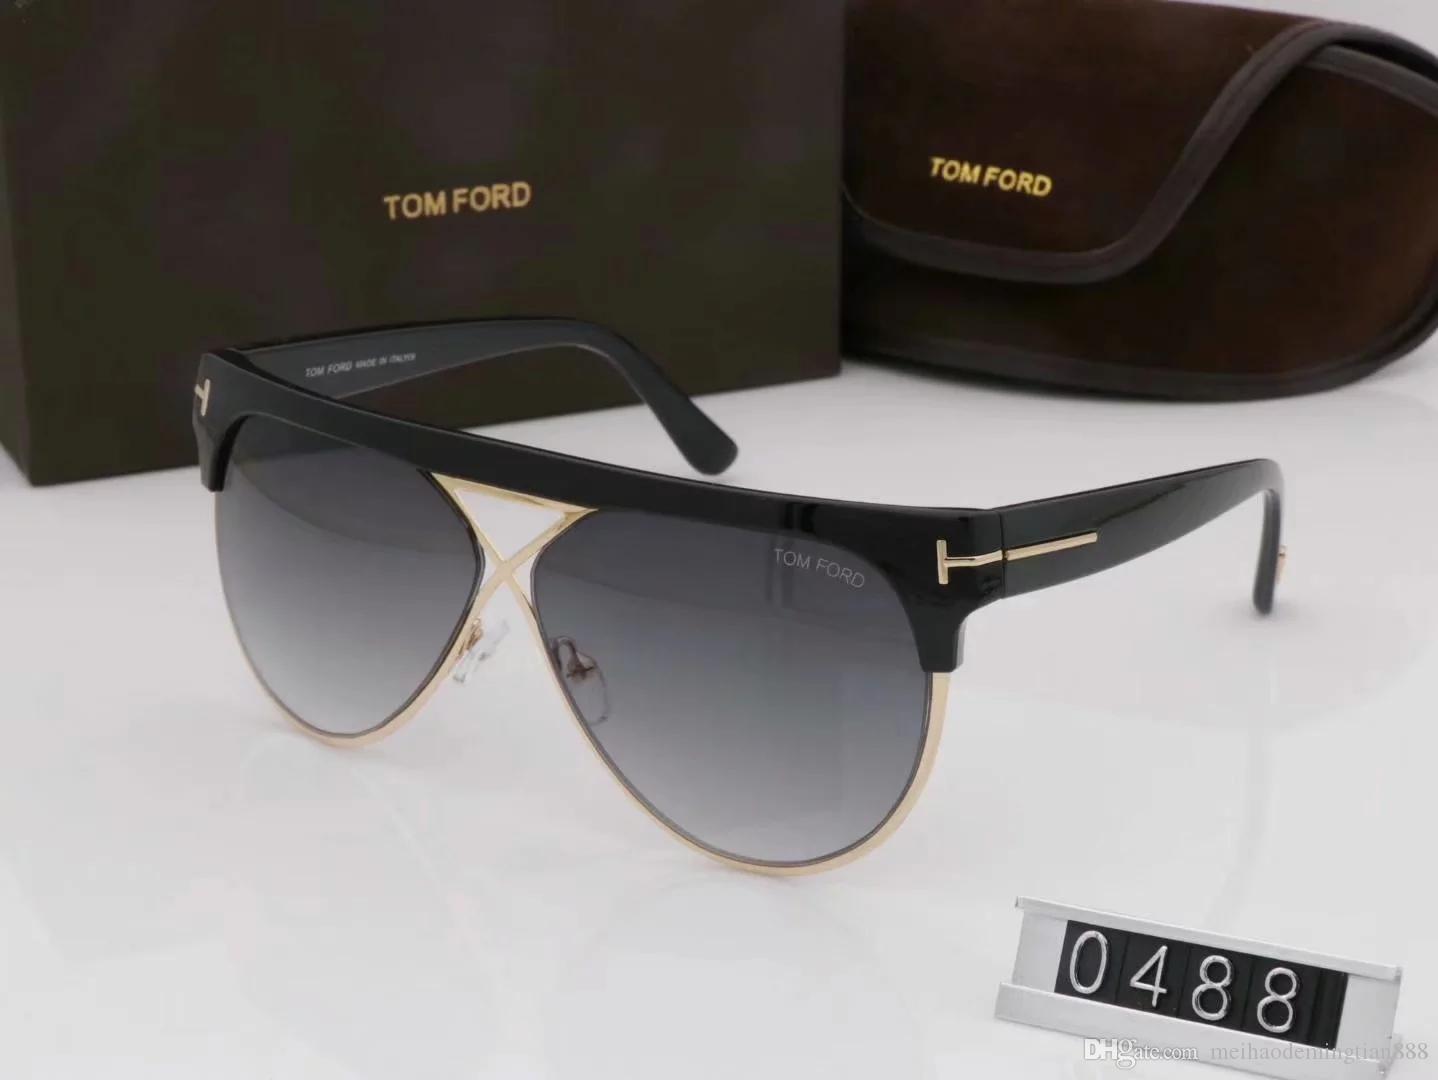 bae68ede7b Compre Calidad Superior Nueva Moda Gafas De Sol Para Hombre Hombre Mujer  Gafas Diseñador Gafas De Sol Ford Lentes Con Caja A $10.16 Del  Meihaodemingtian888 ...